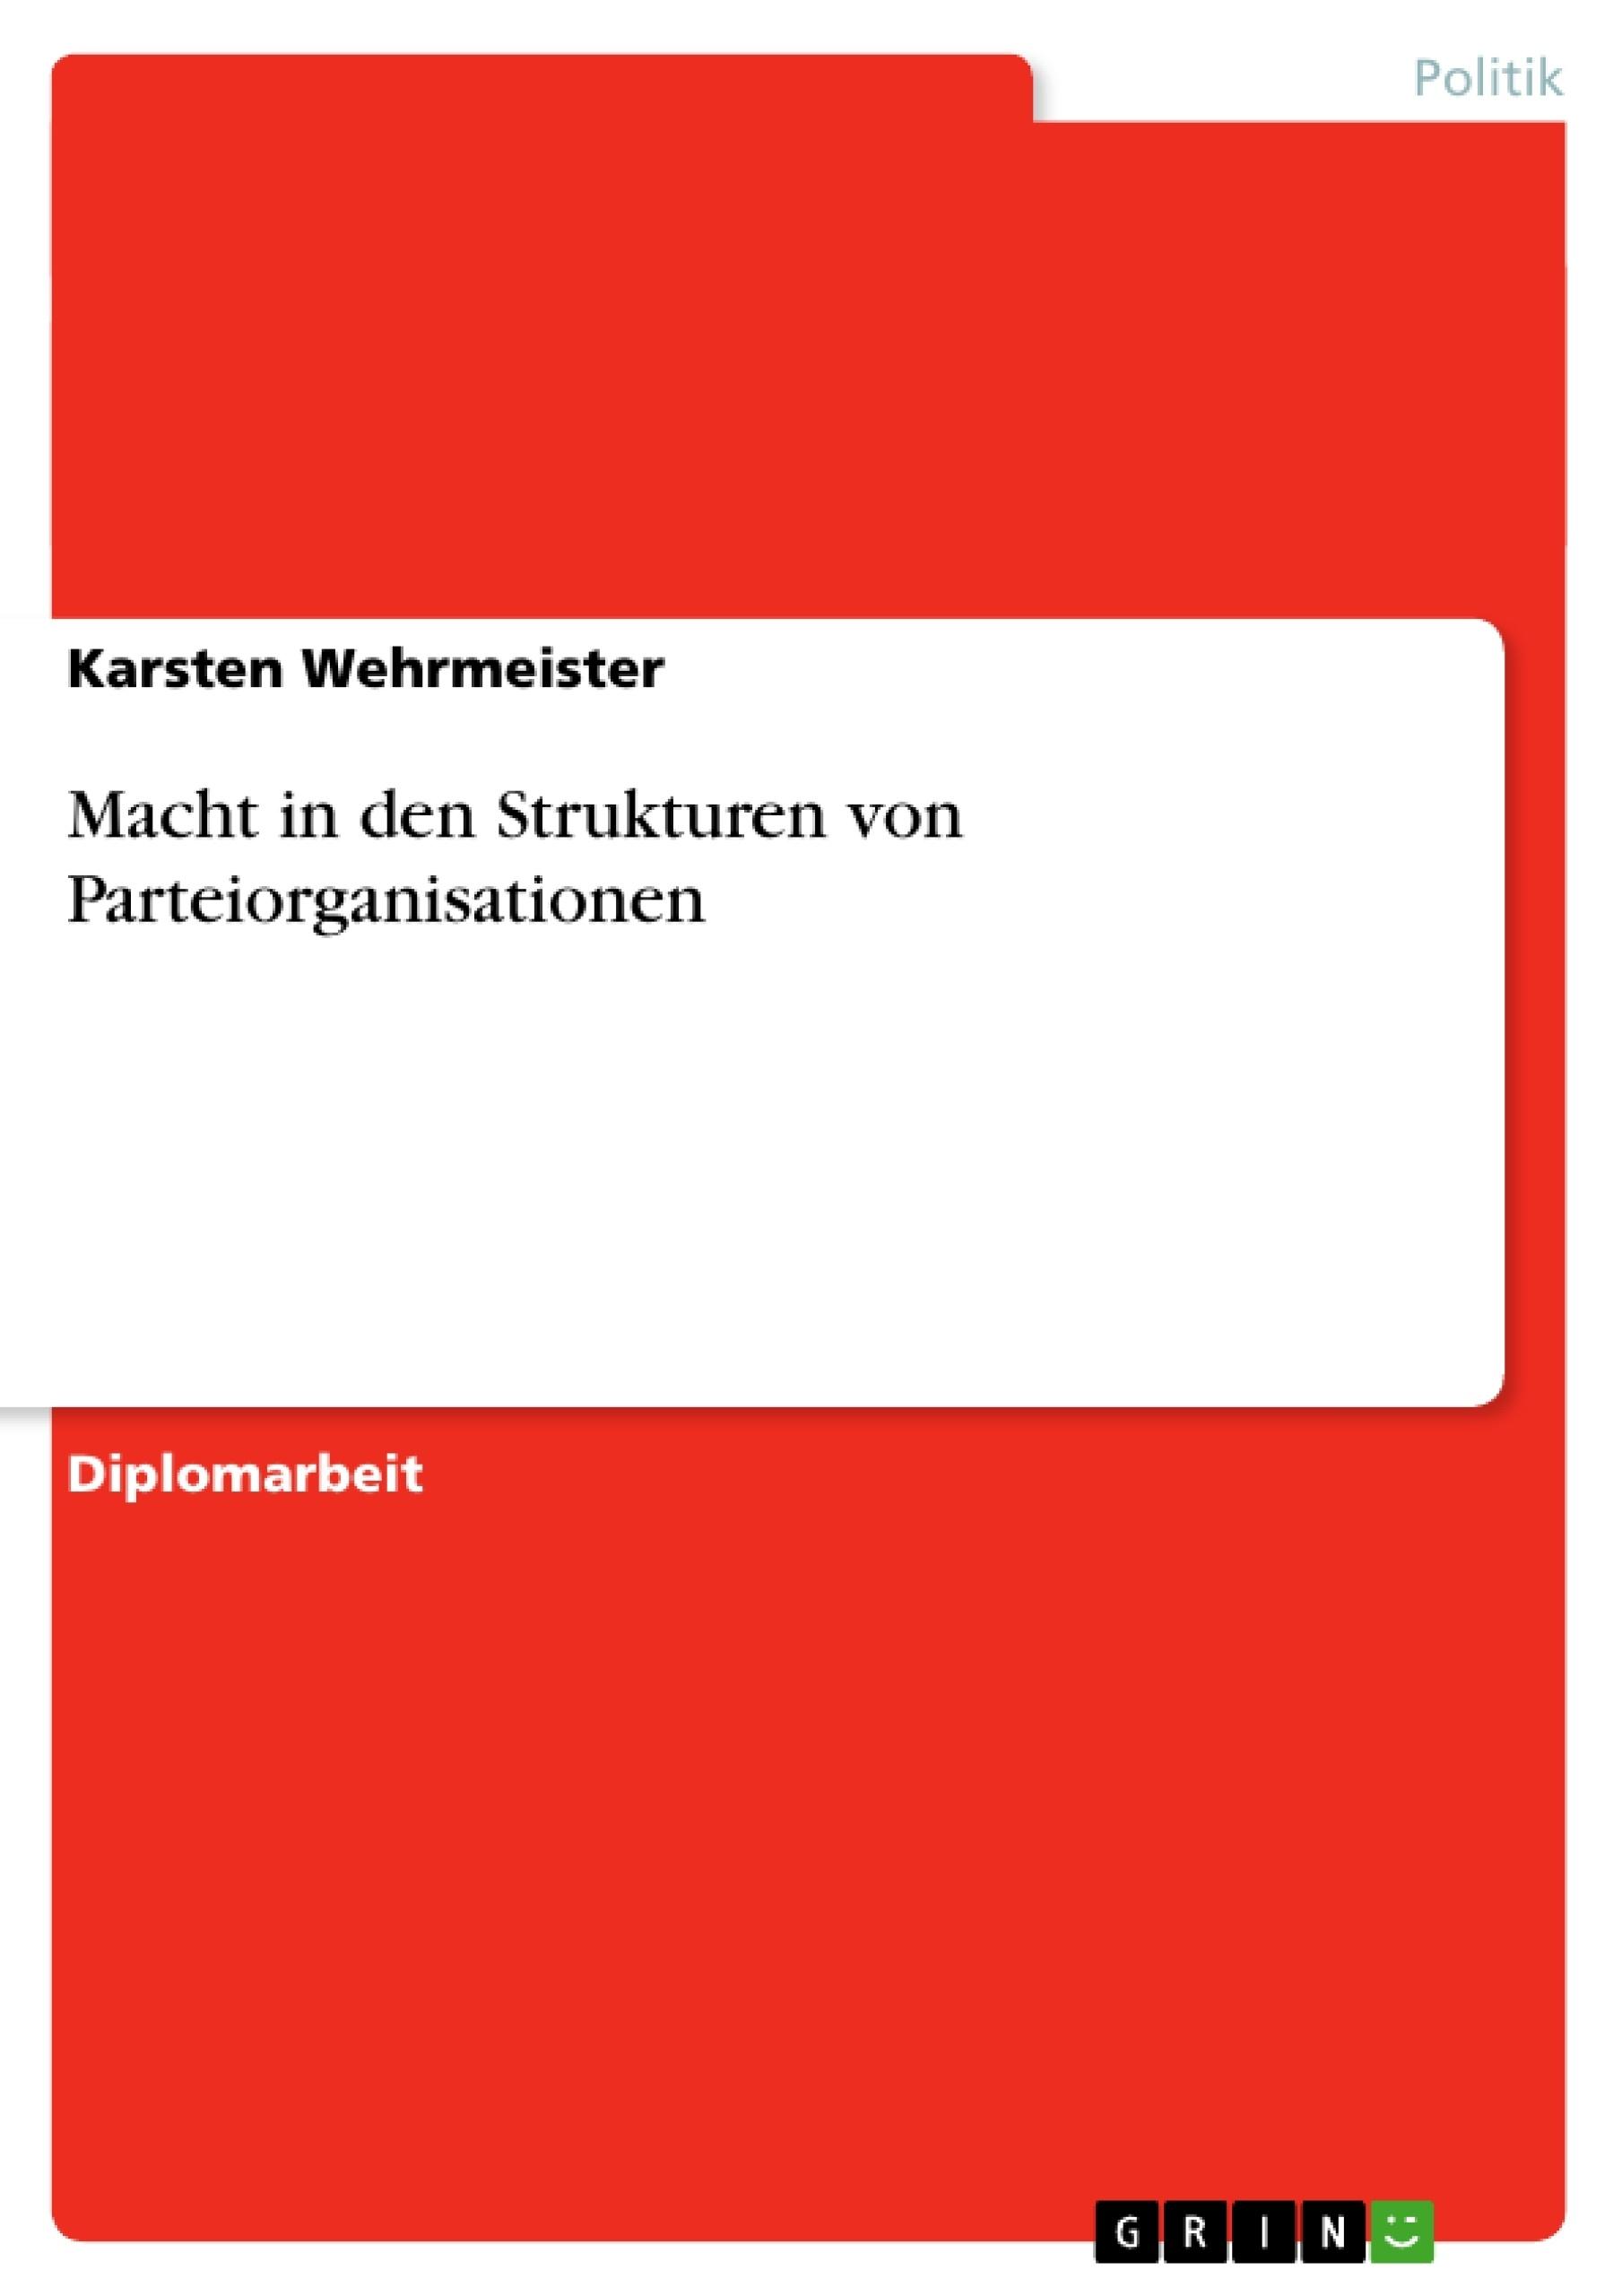 Titel: Macht in den Strukturen von Parteiorganisationen